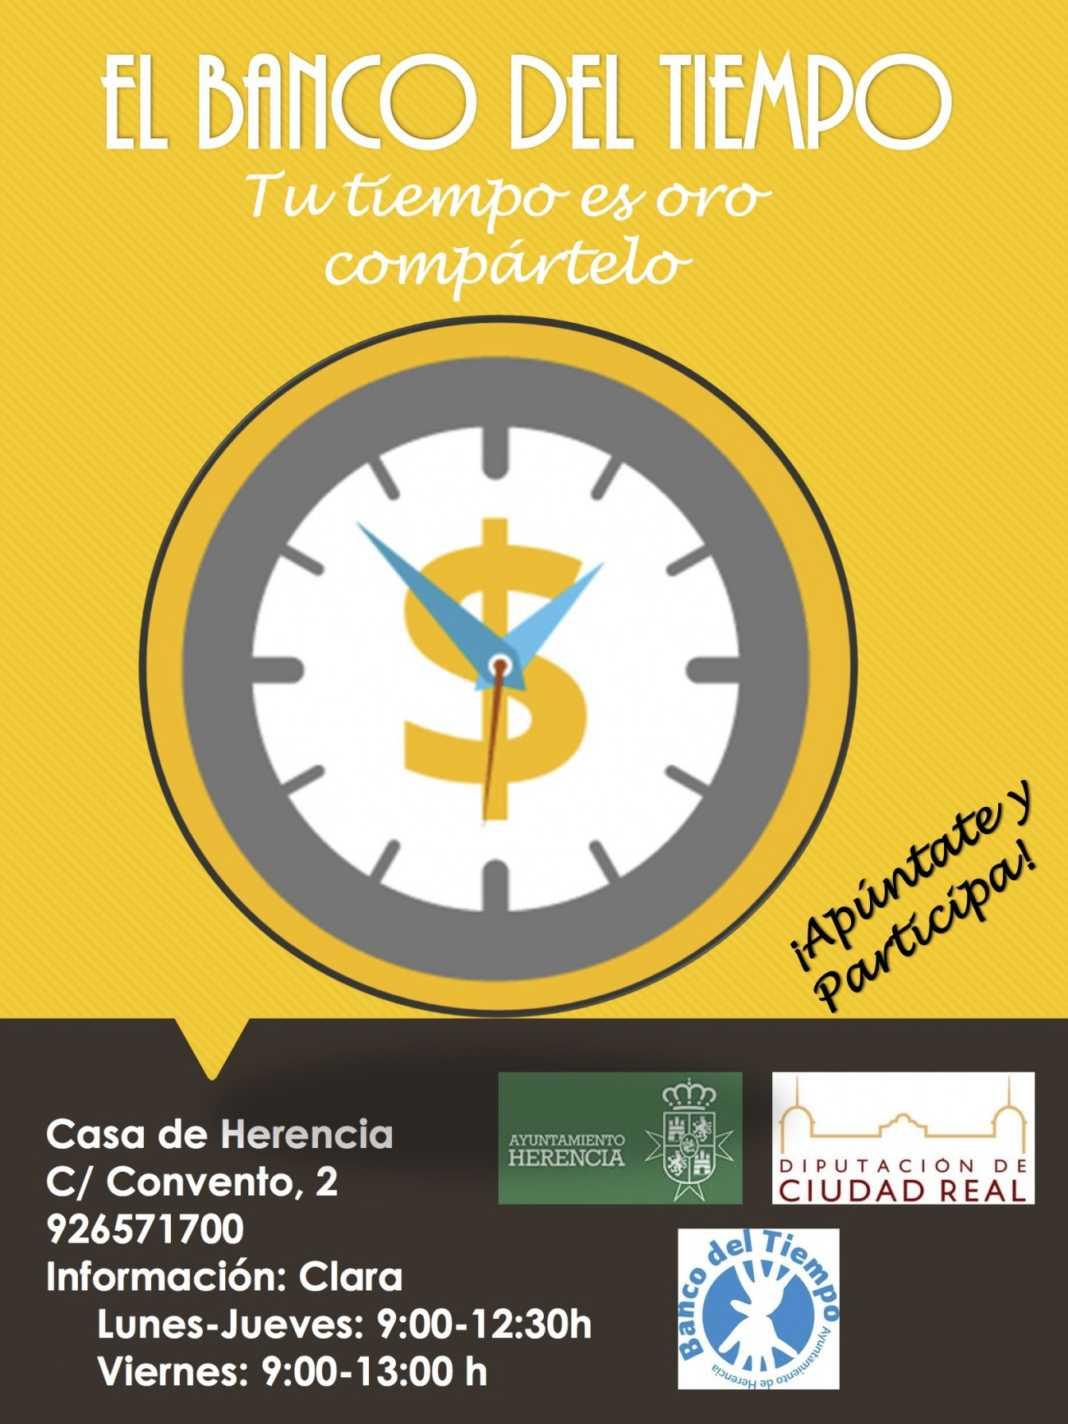 Banco del tiempo Herencia 1068x1424 - El Banco del Tiempo vuelve a abrir en Herencia